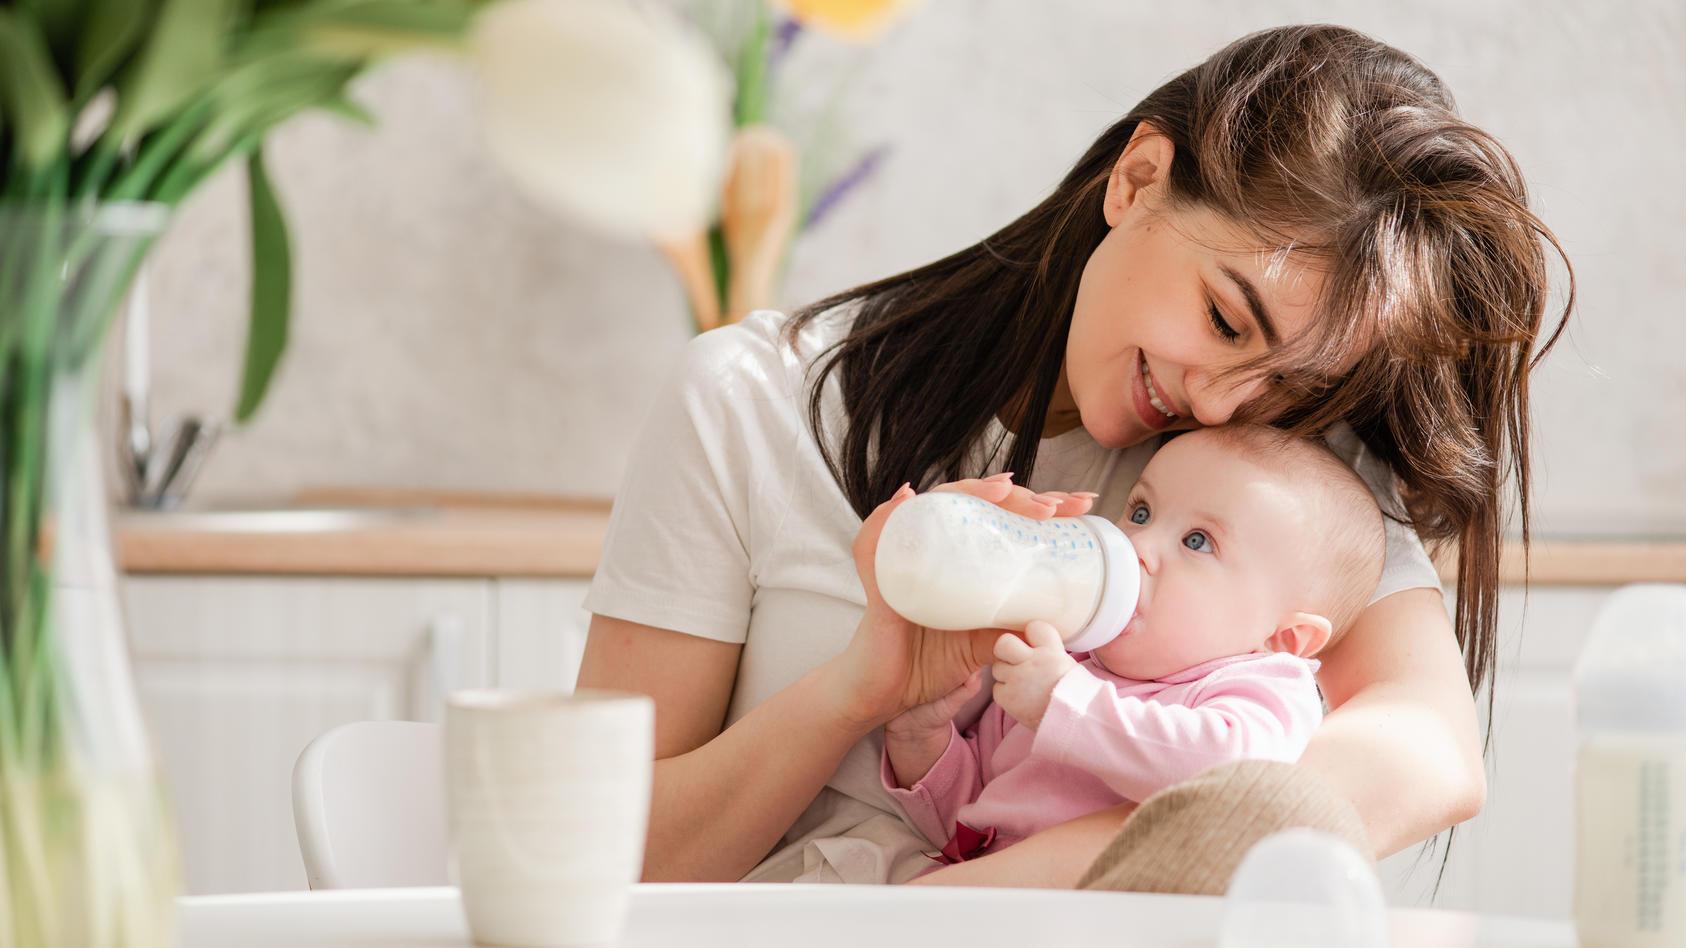 Babymilch kann eine gute Alternative zur Muttermilch darstellen - sie hat alle Nährstoffe, die das Baby braucht.